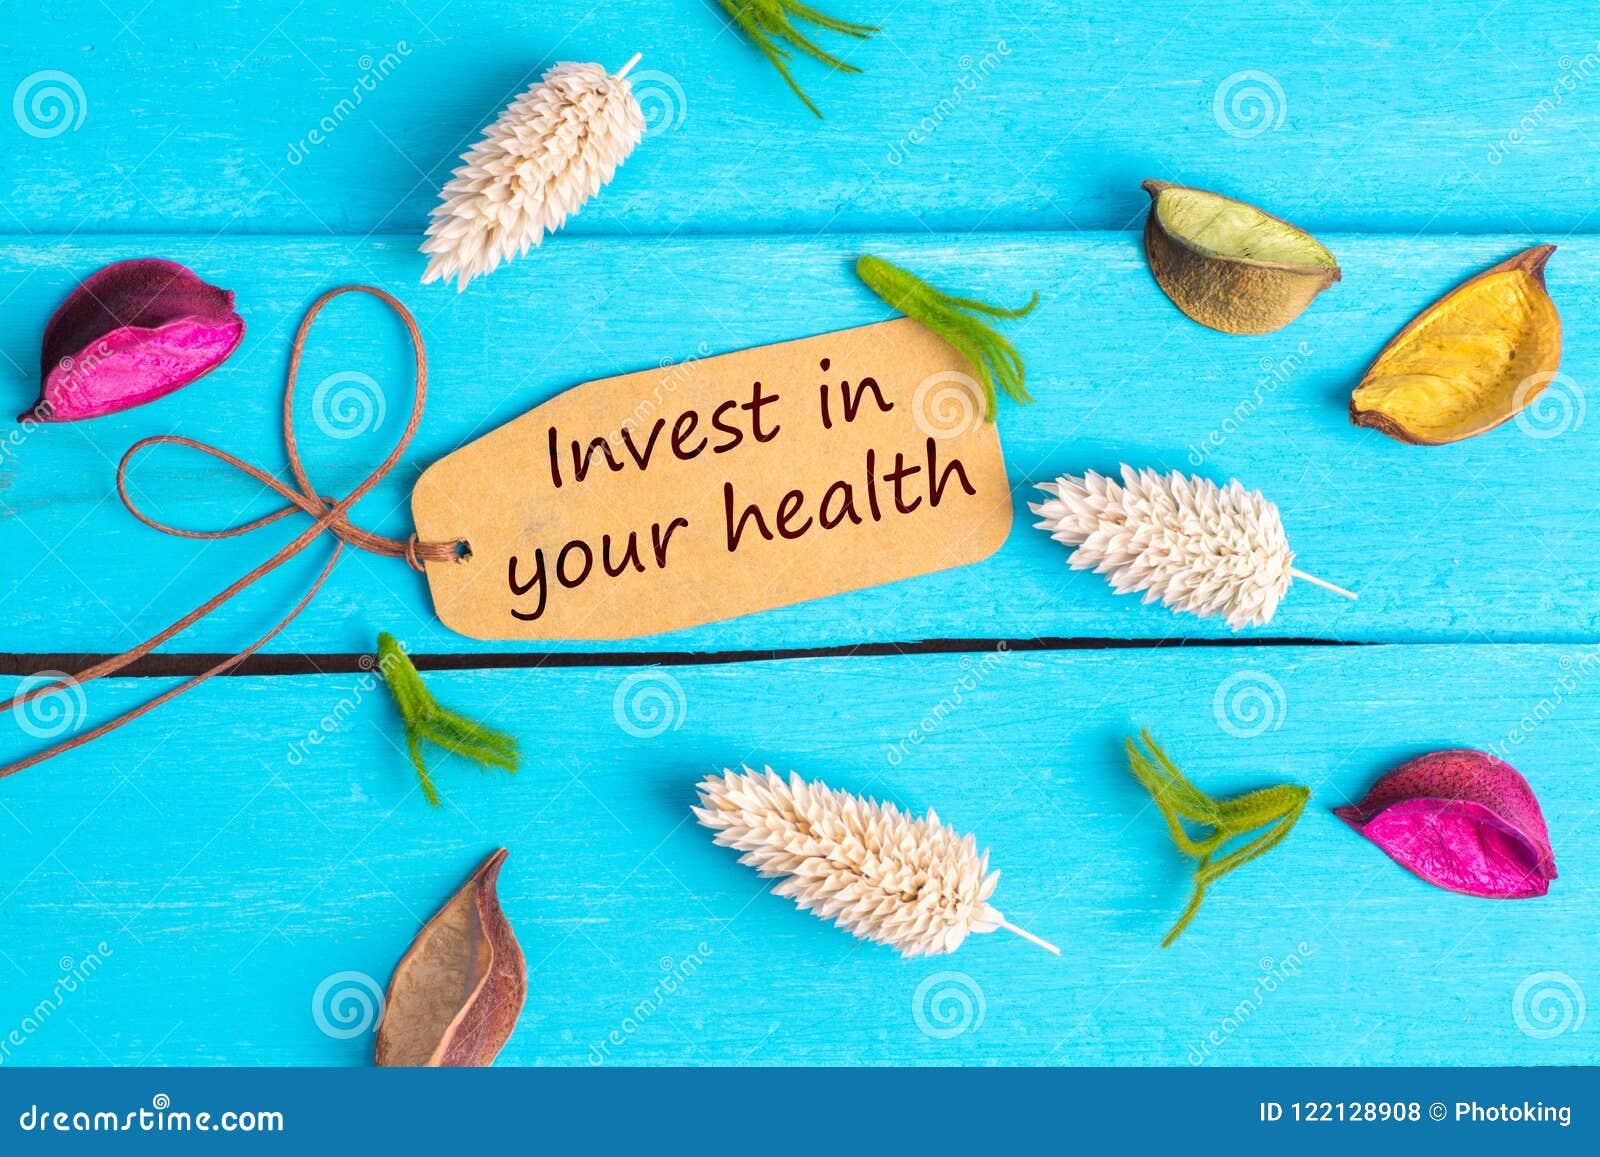 Investeer in uw gezondheidstekst op document markering